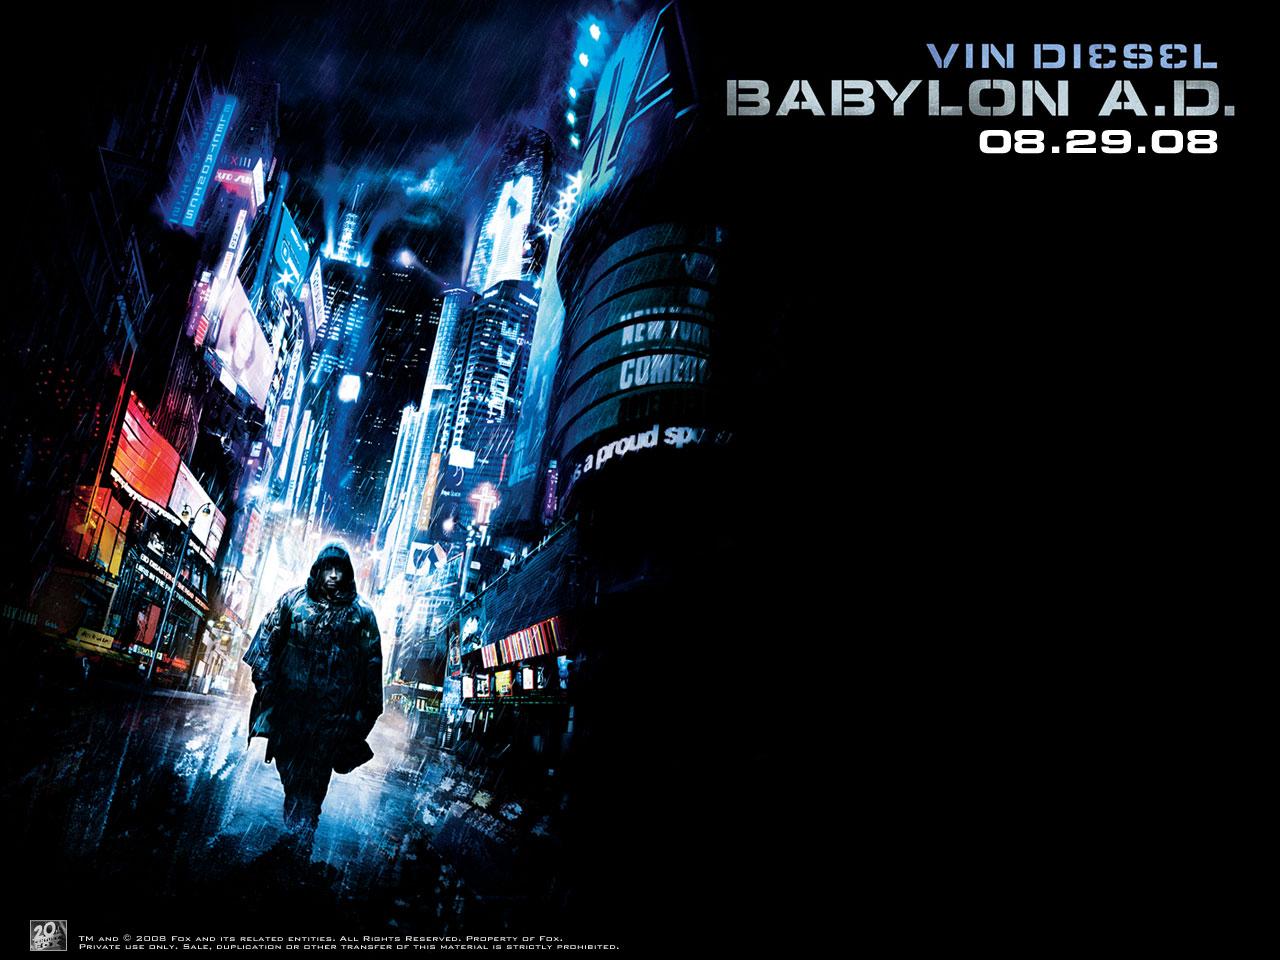 http://2.bp.blogspot.com/_IwRqx_H611g/THQY-gRJ18I/AAAAAAAAAMw/V79cRZOd4lw/s1600/babylon-ad-001.jpg